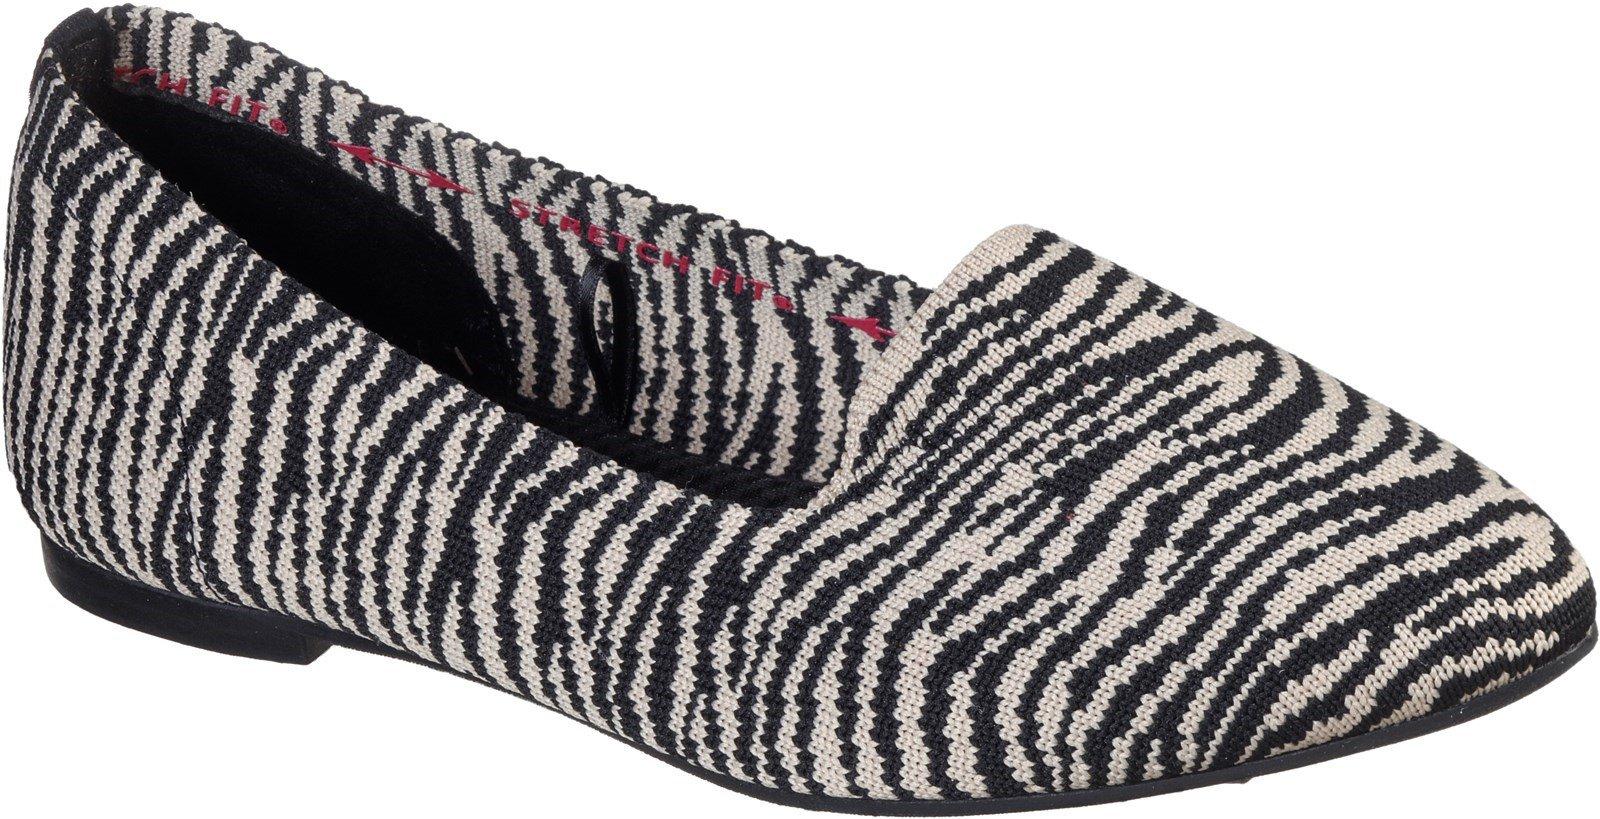 Skechers Women's Cleo Knitty Kit Slip On Loafer Multicolor 32124 - Natural/Black 3